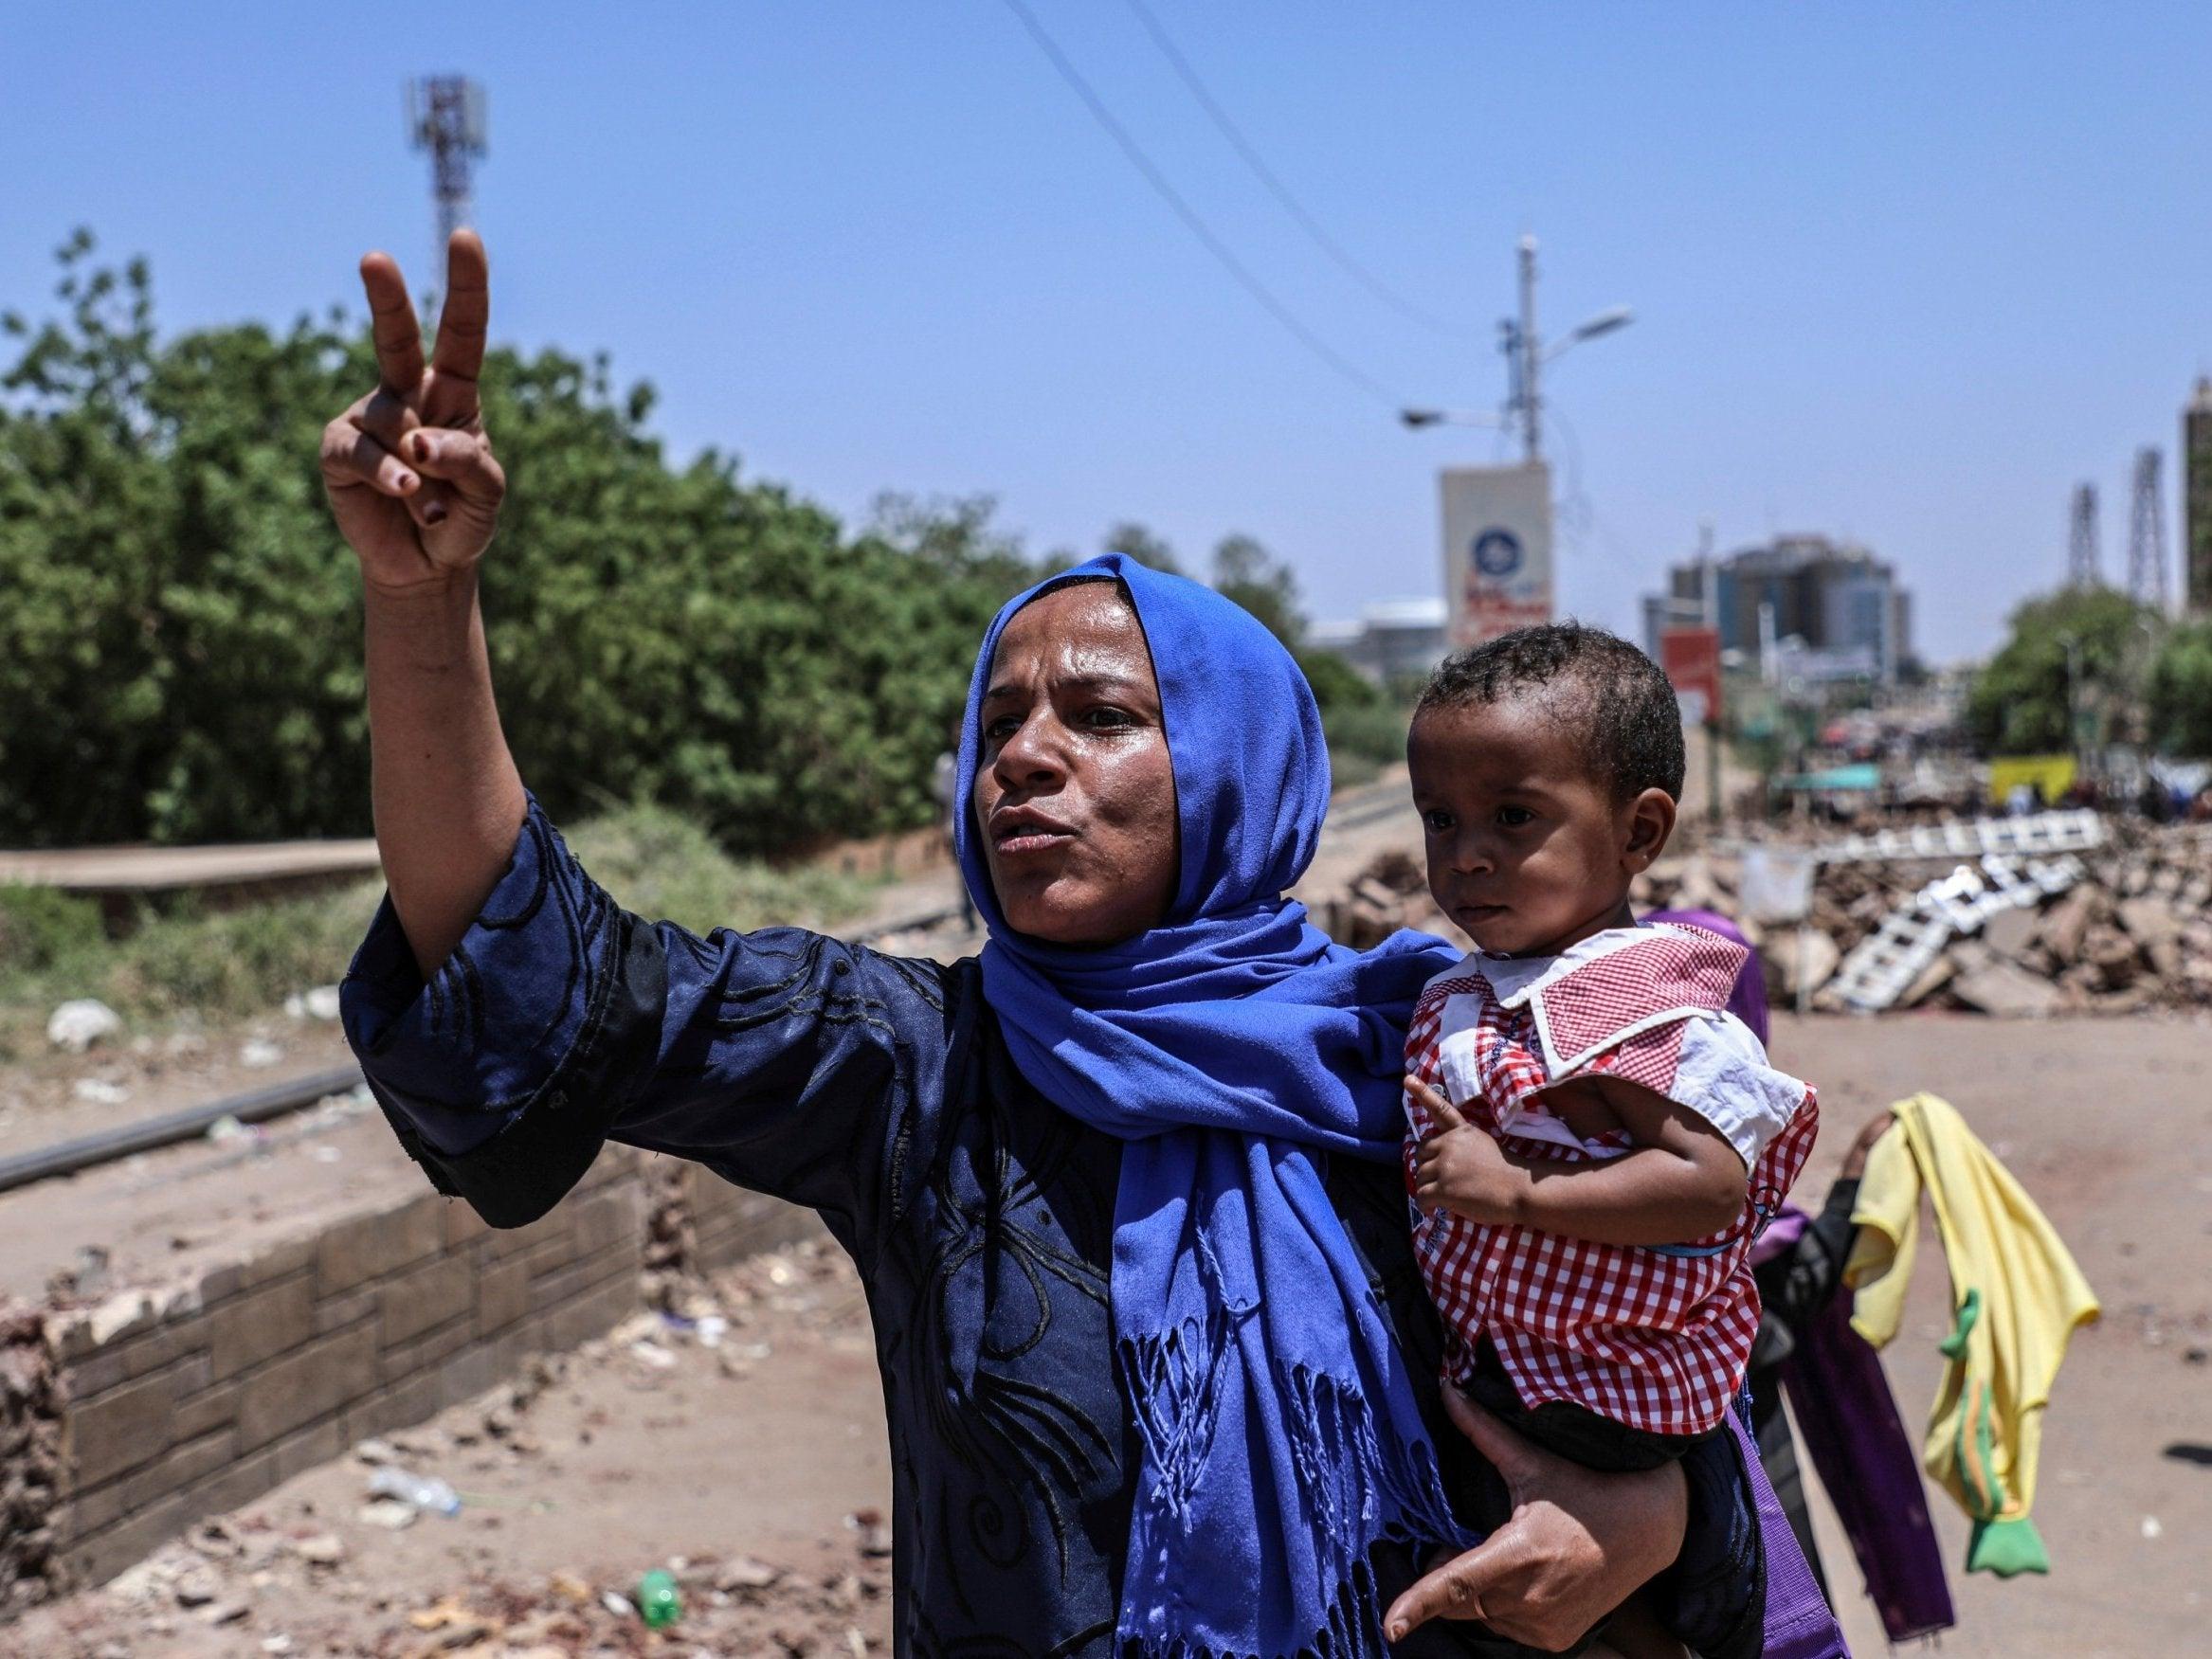 Call girl in Khartoum